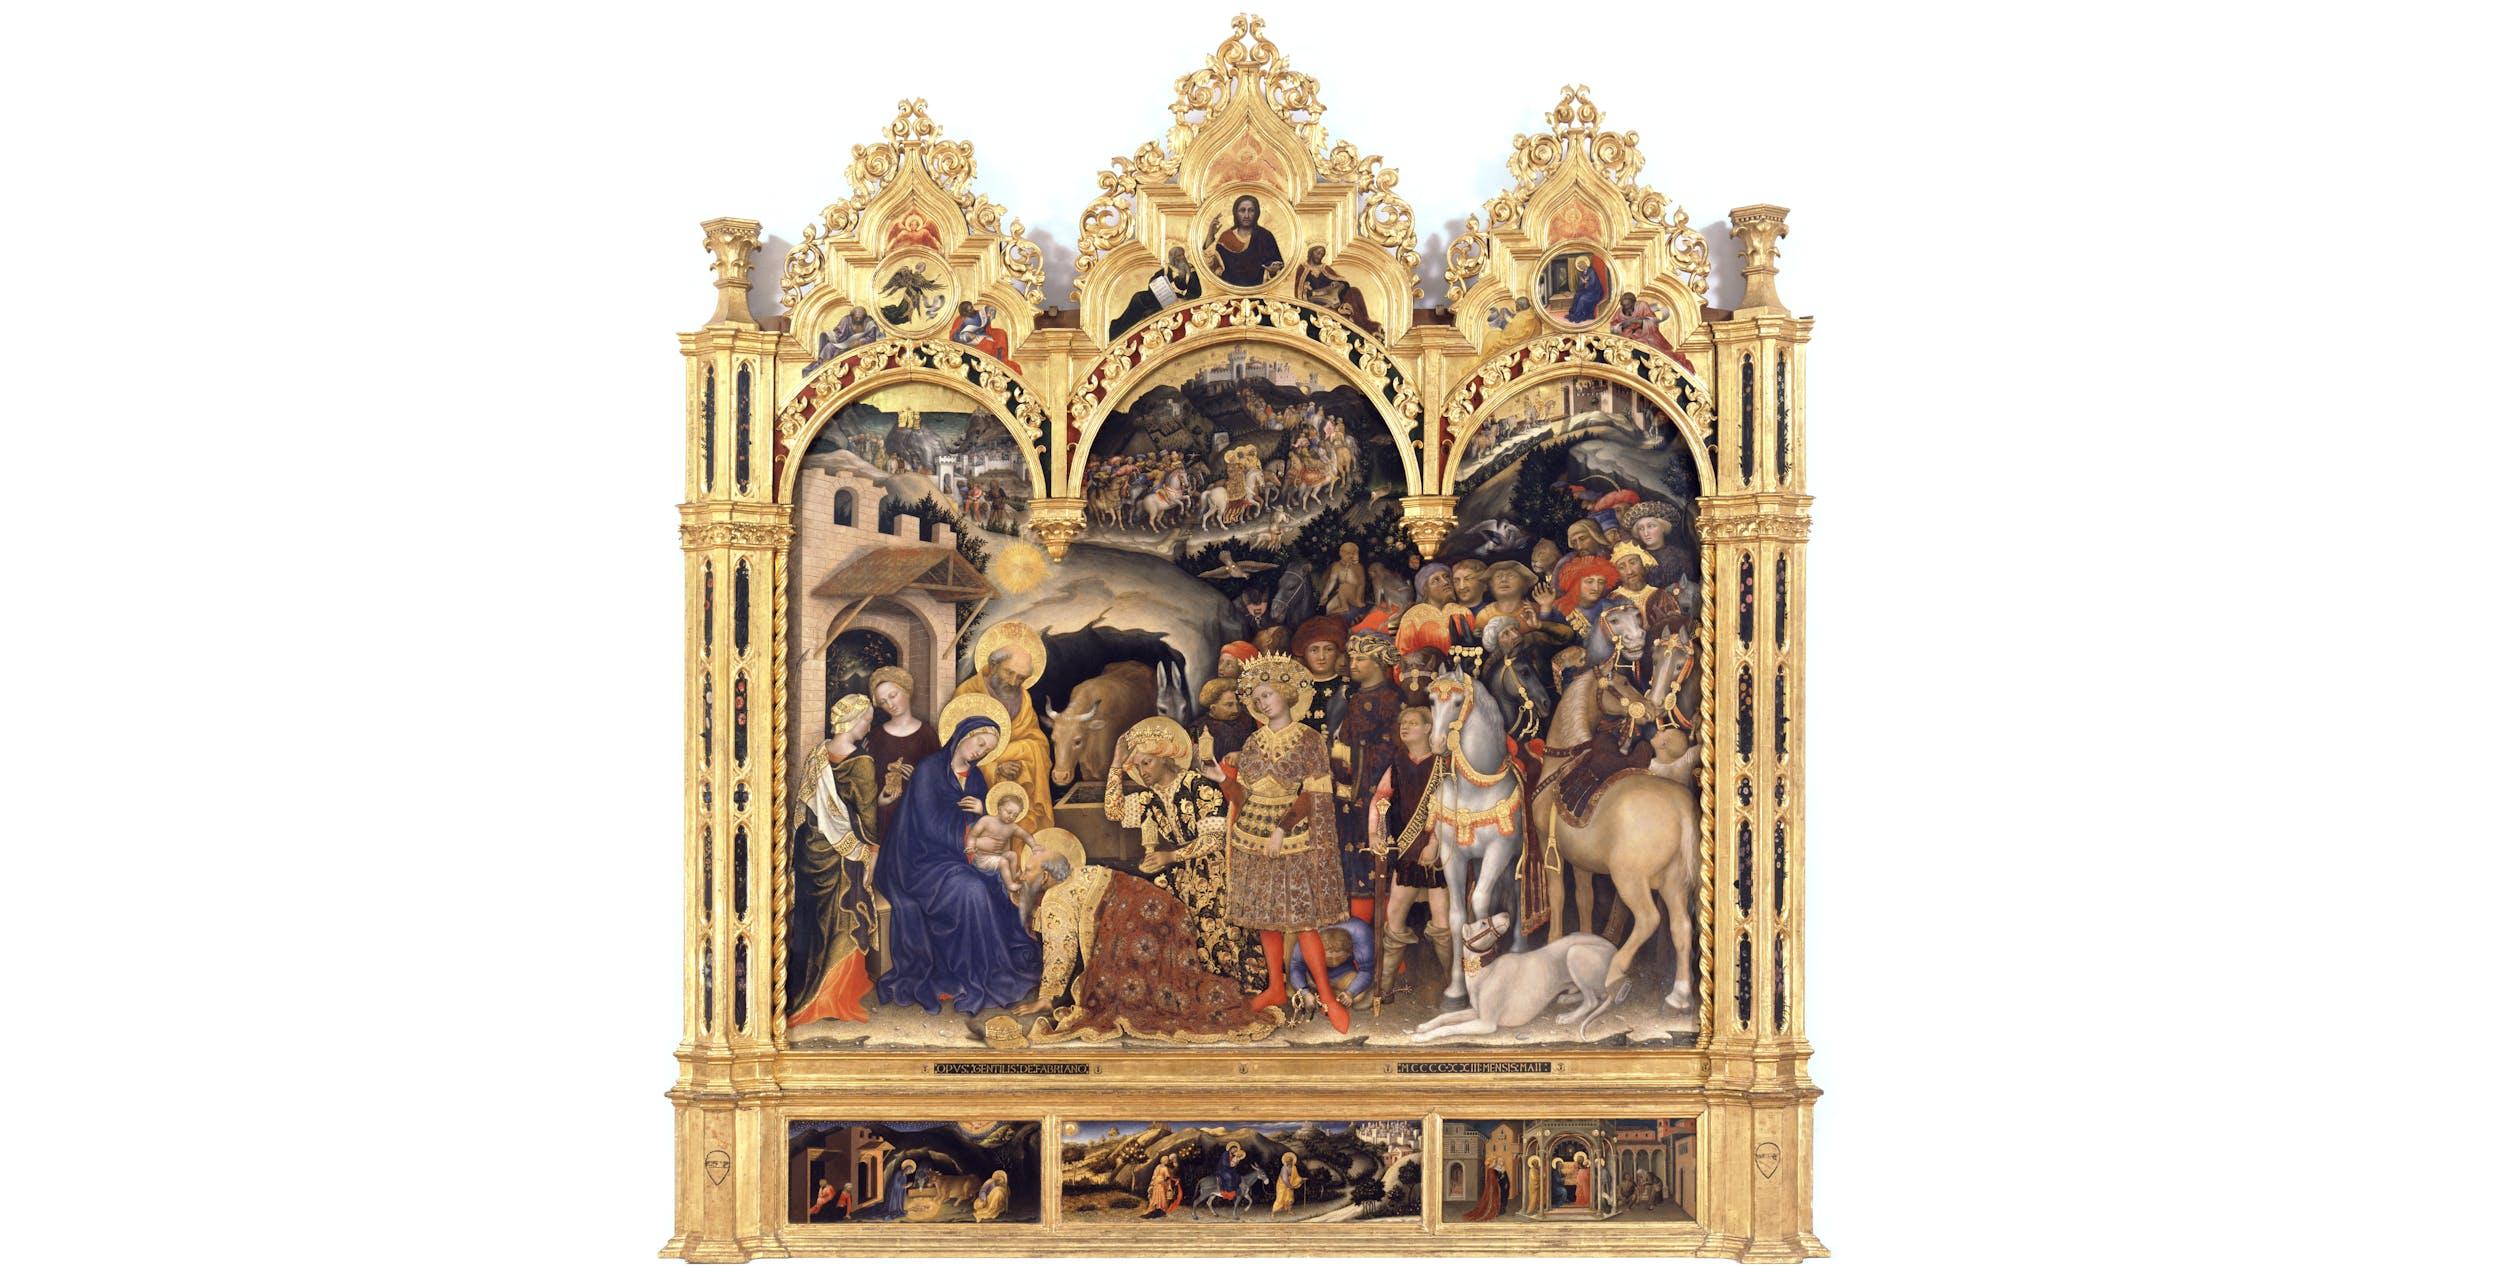 Gentile da Fabriano, Adorazione dei Magi I Gentile da Fabriano, Adoration of the Magi